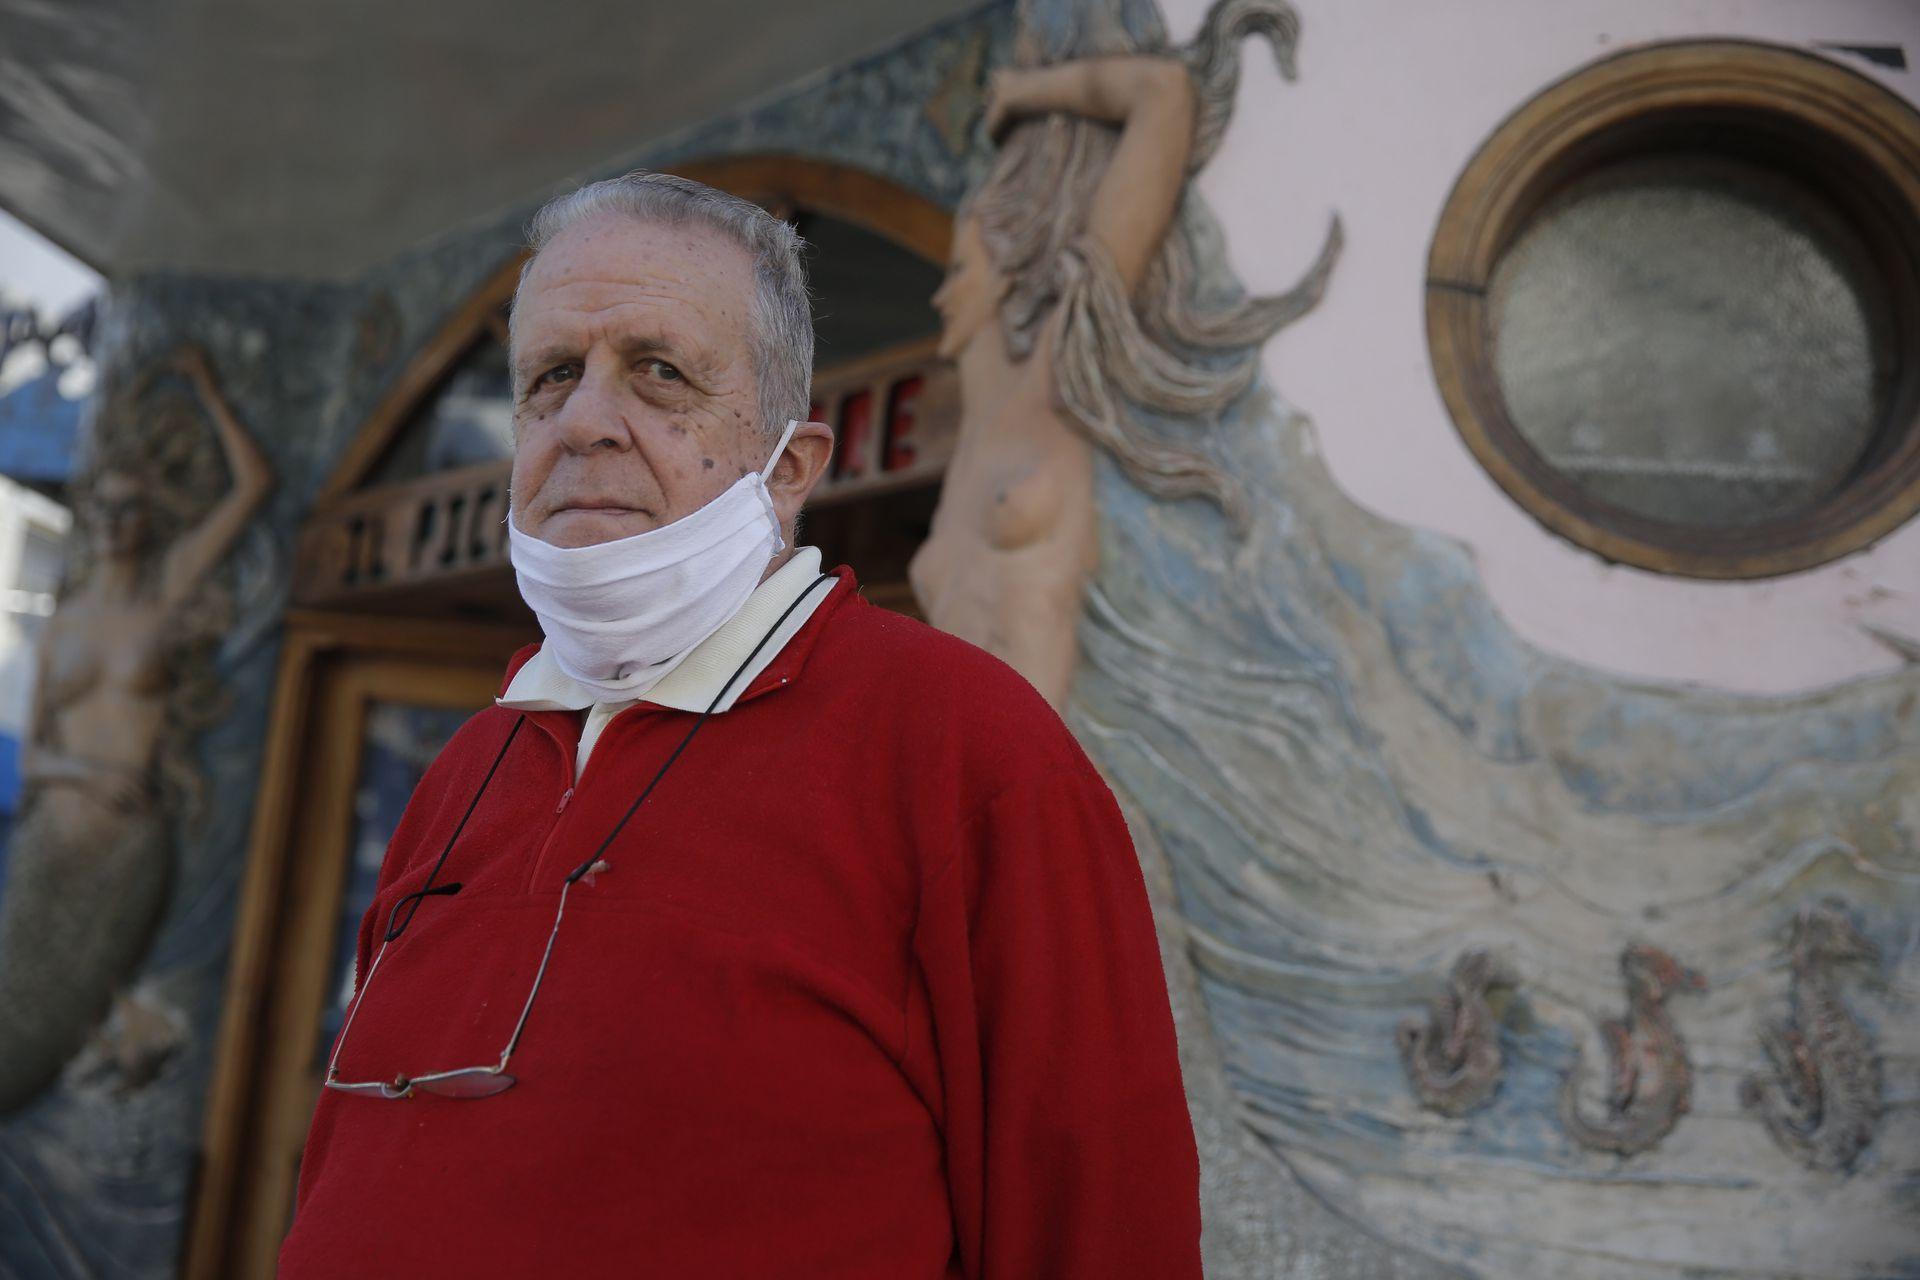 Alfredo Alberti, presidente de la Asociación de Vecinos de La Boca. A los 75, sigue luchando por un barrio mejor